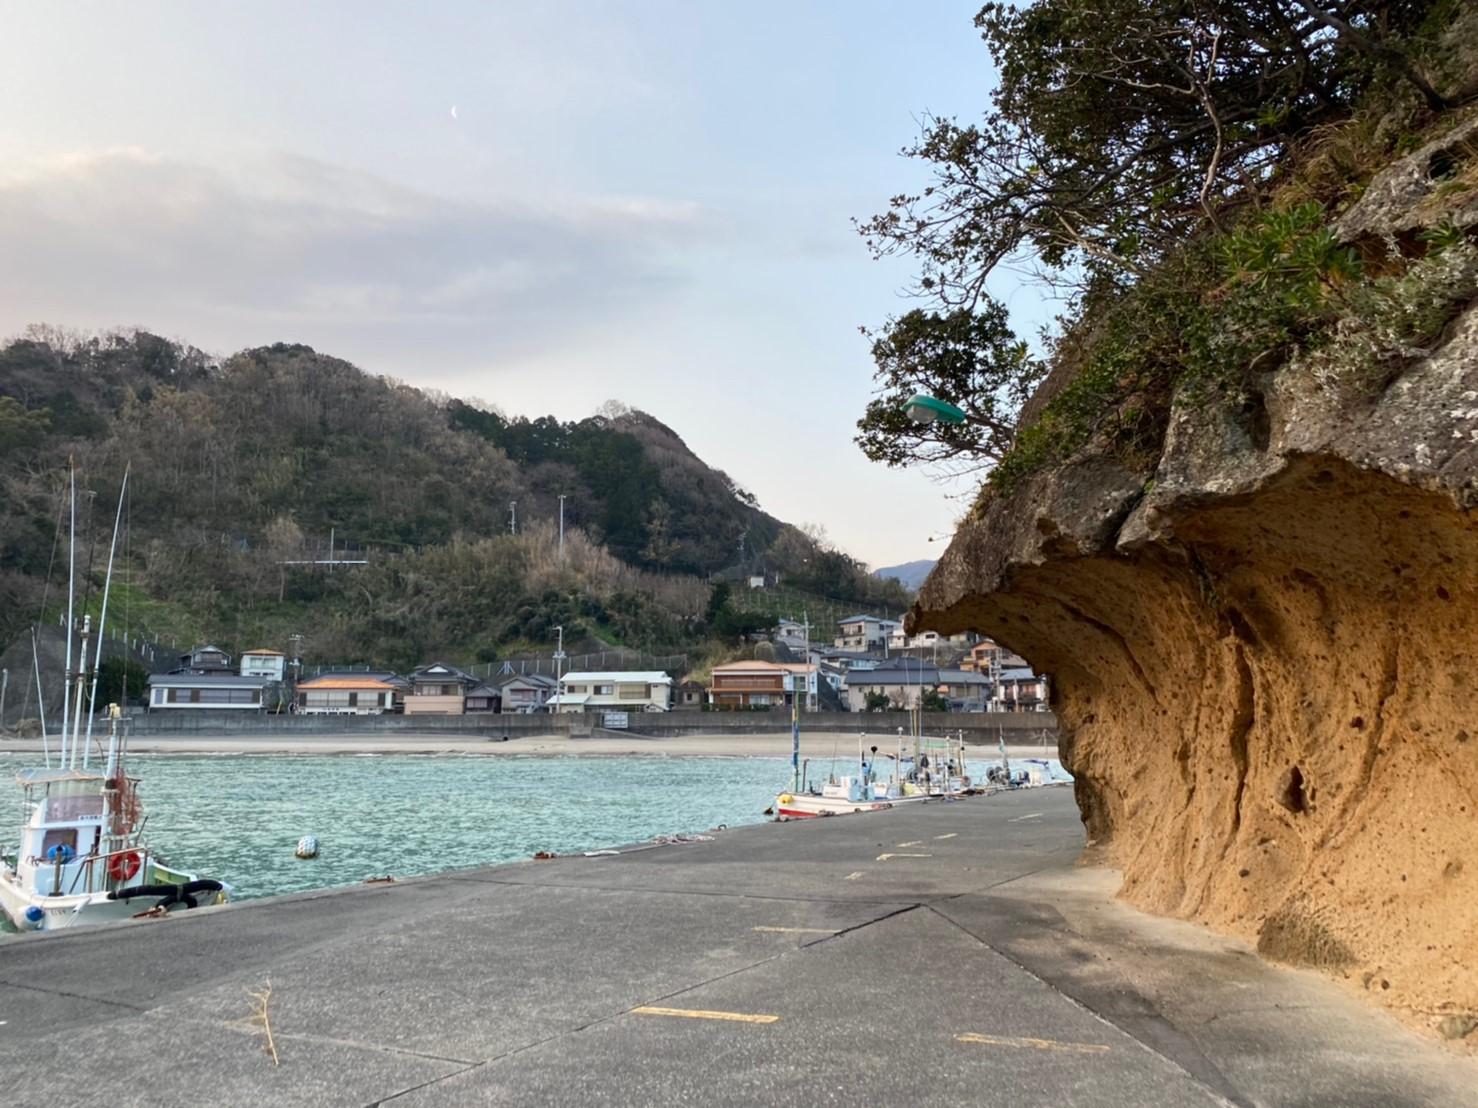 【西伊豆 松崎町】『岩地海水浴場付近』の釣り場ガイド(釣れる魚・駐車場)